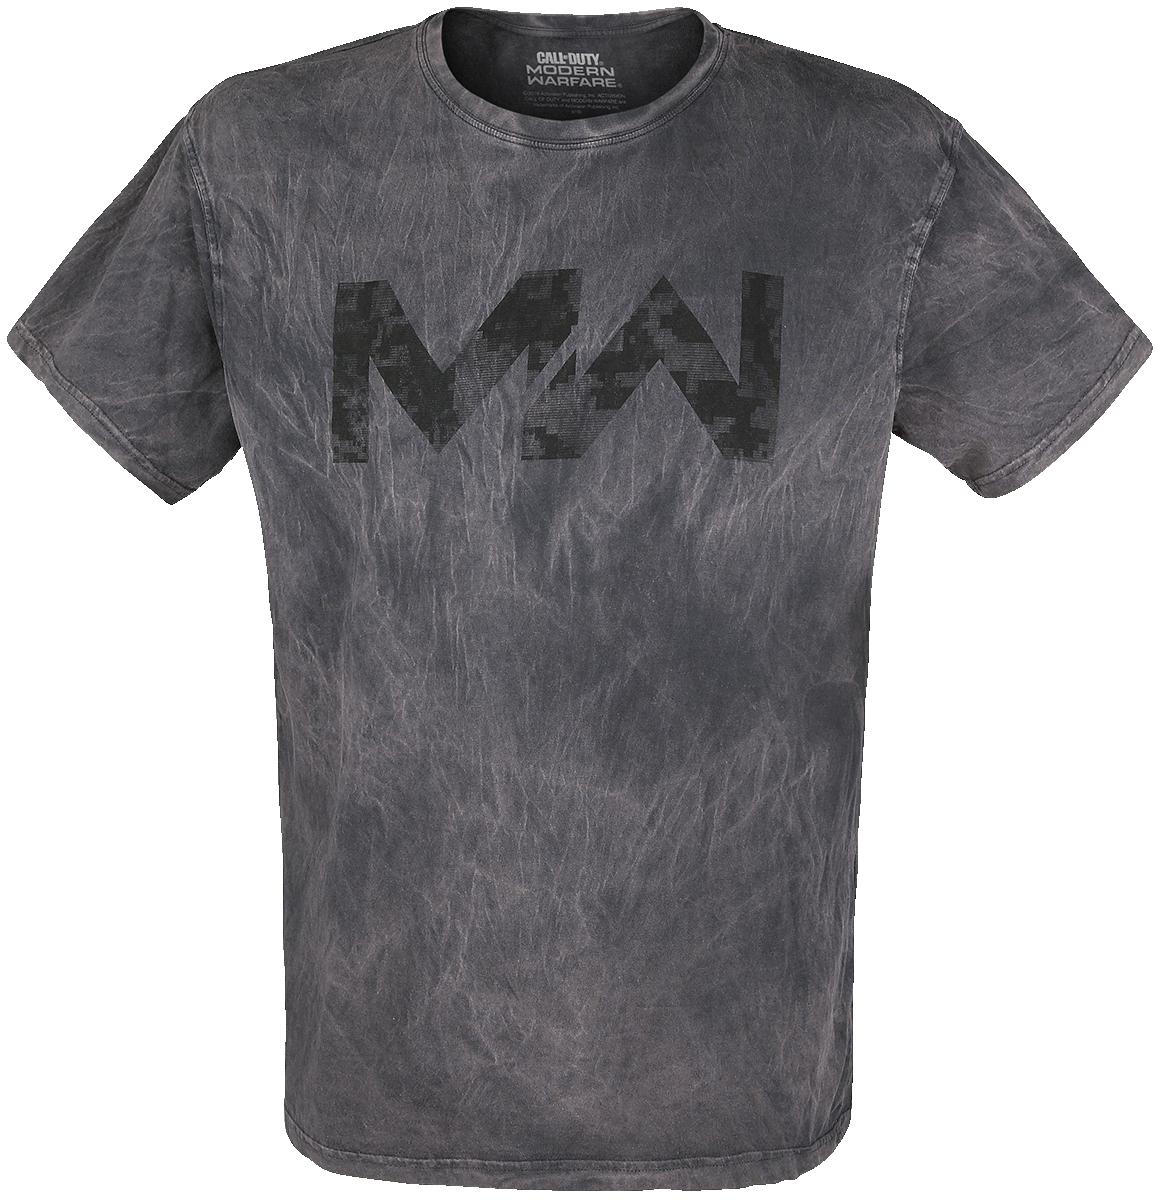 Call Of Duty - Modern Warfare - Logo - T-Shirt - grey image